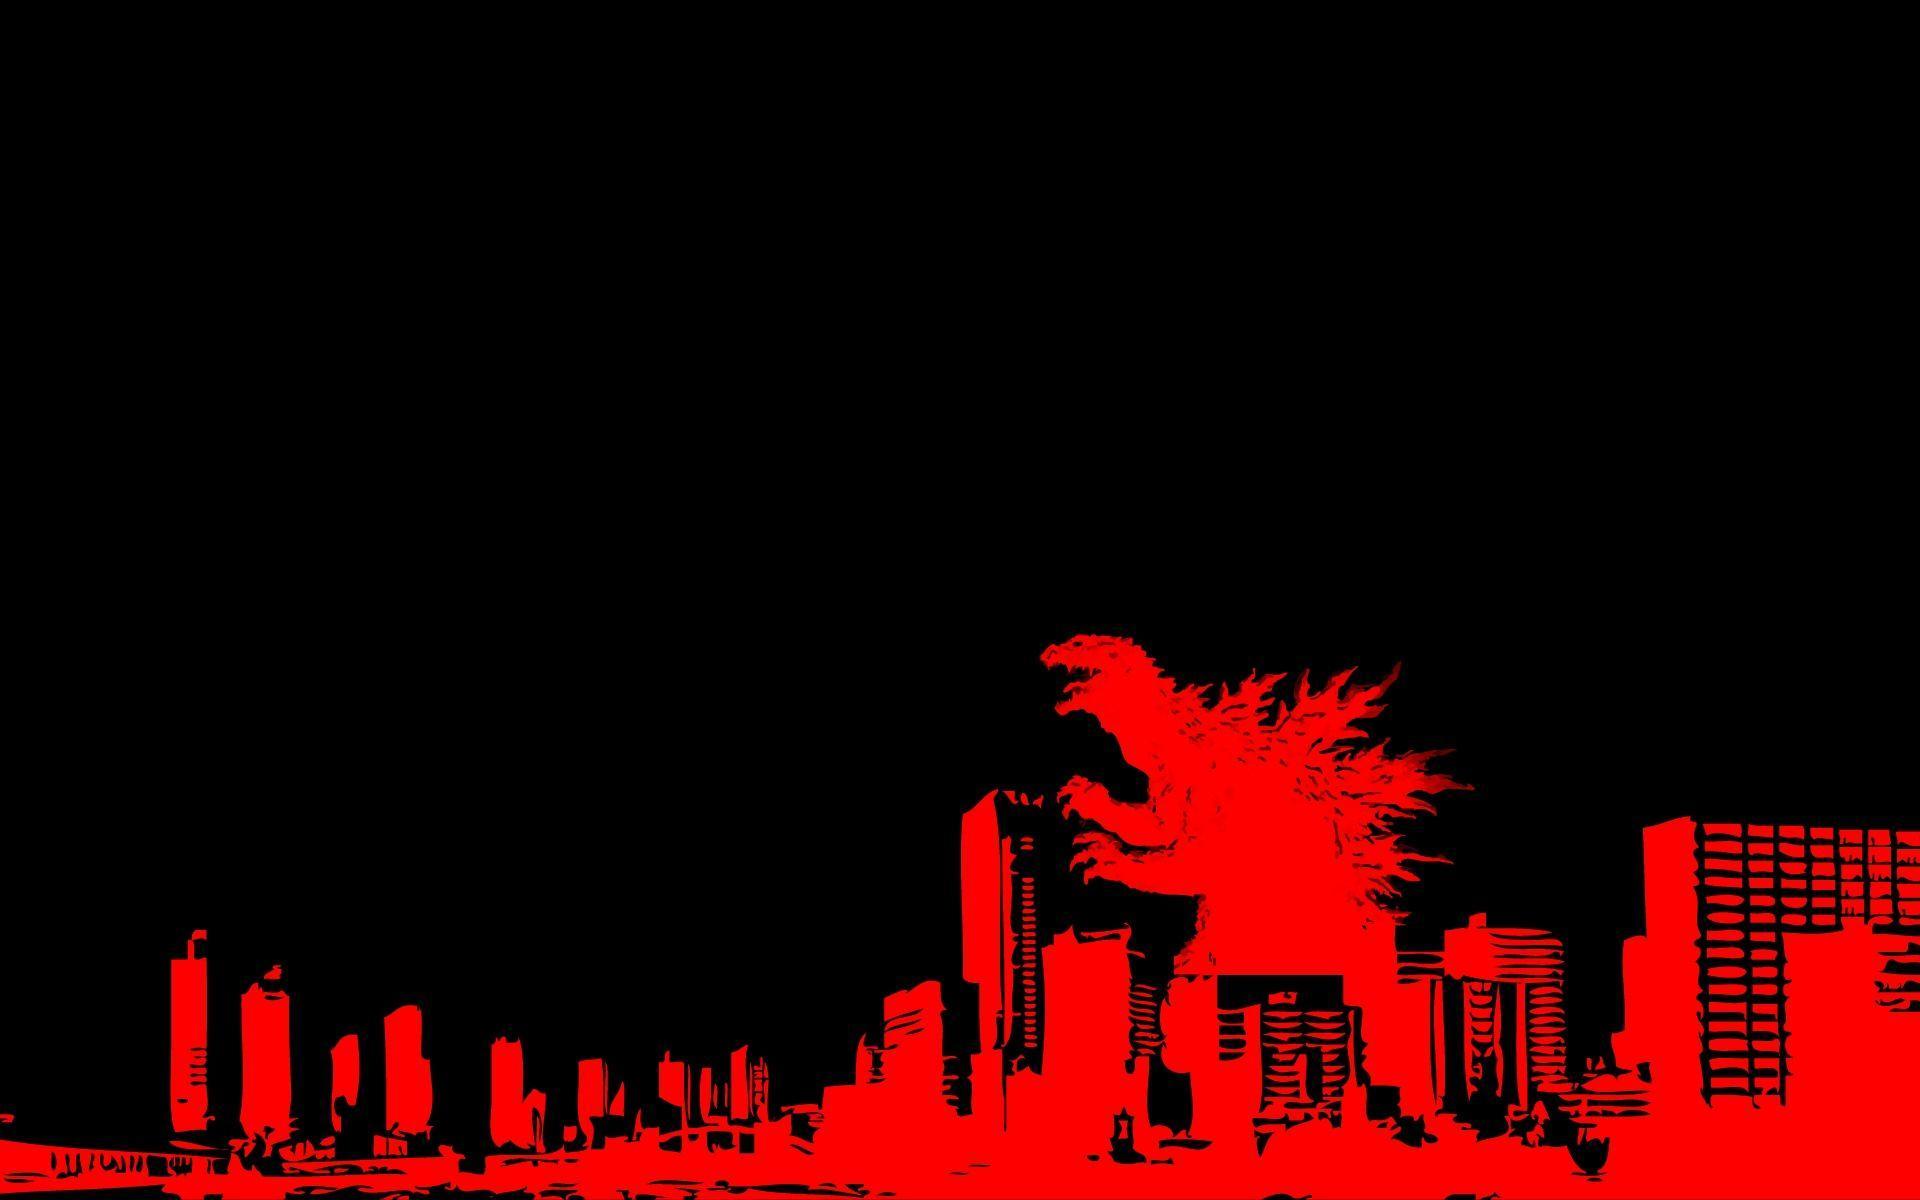 1920x1200 Godzilla Hình nền, Chất lượng 100% Godzilla Hình nền HD # WF71, Cao